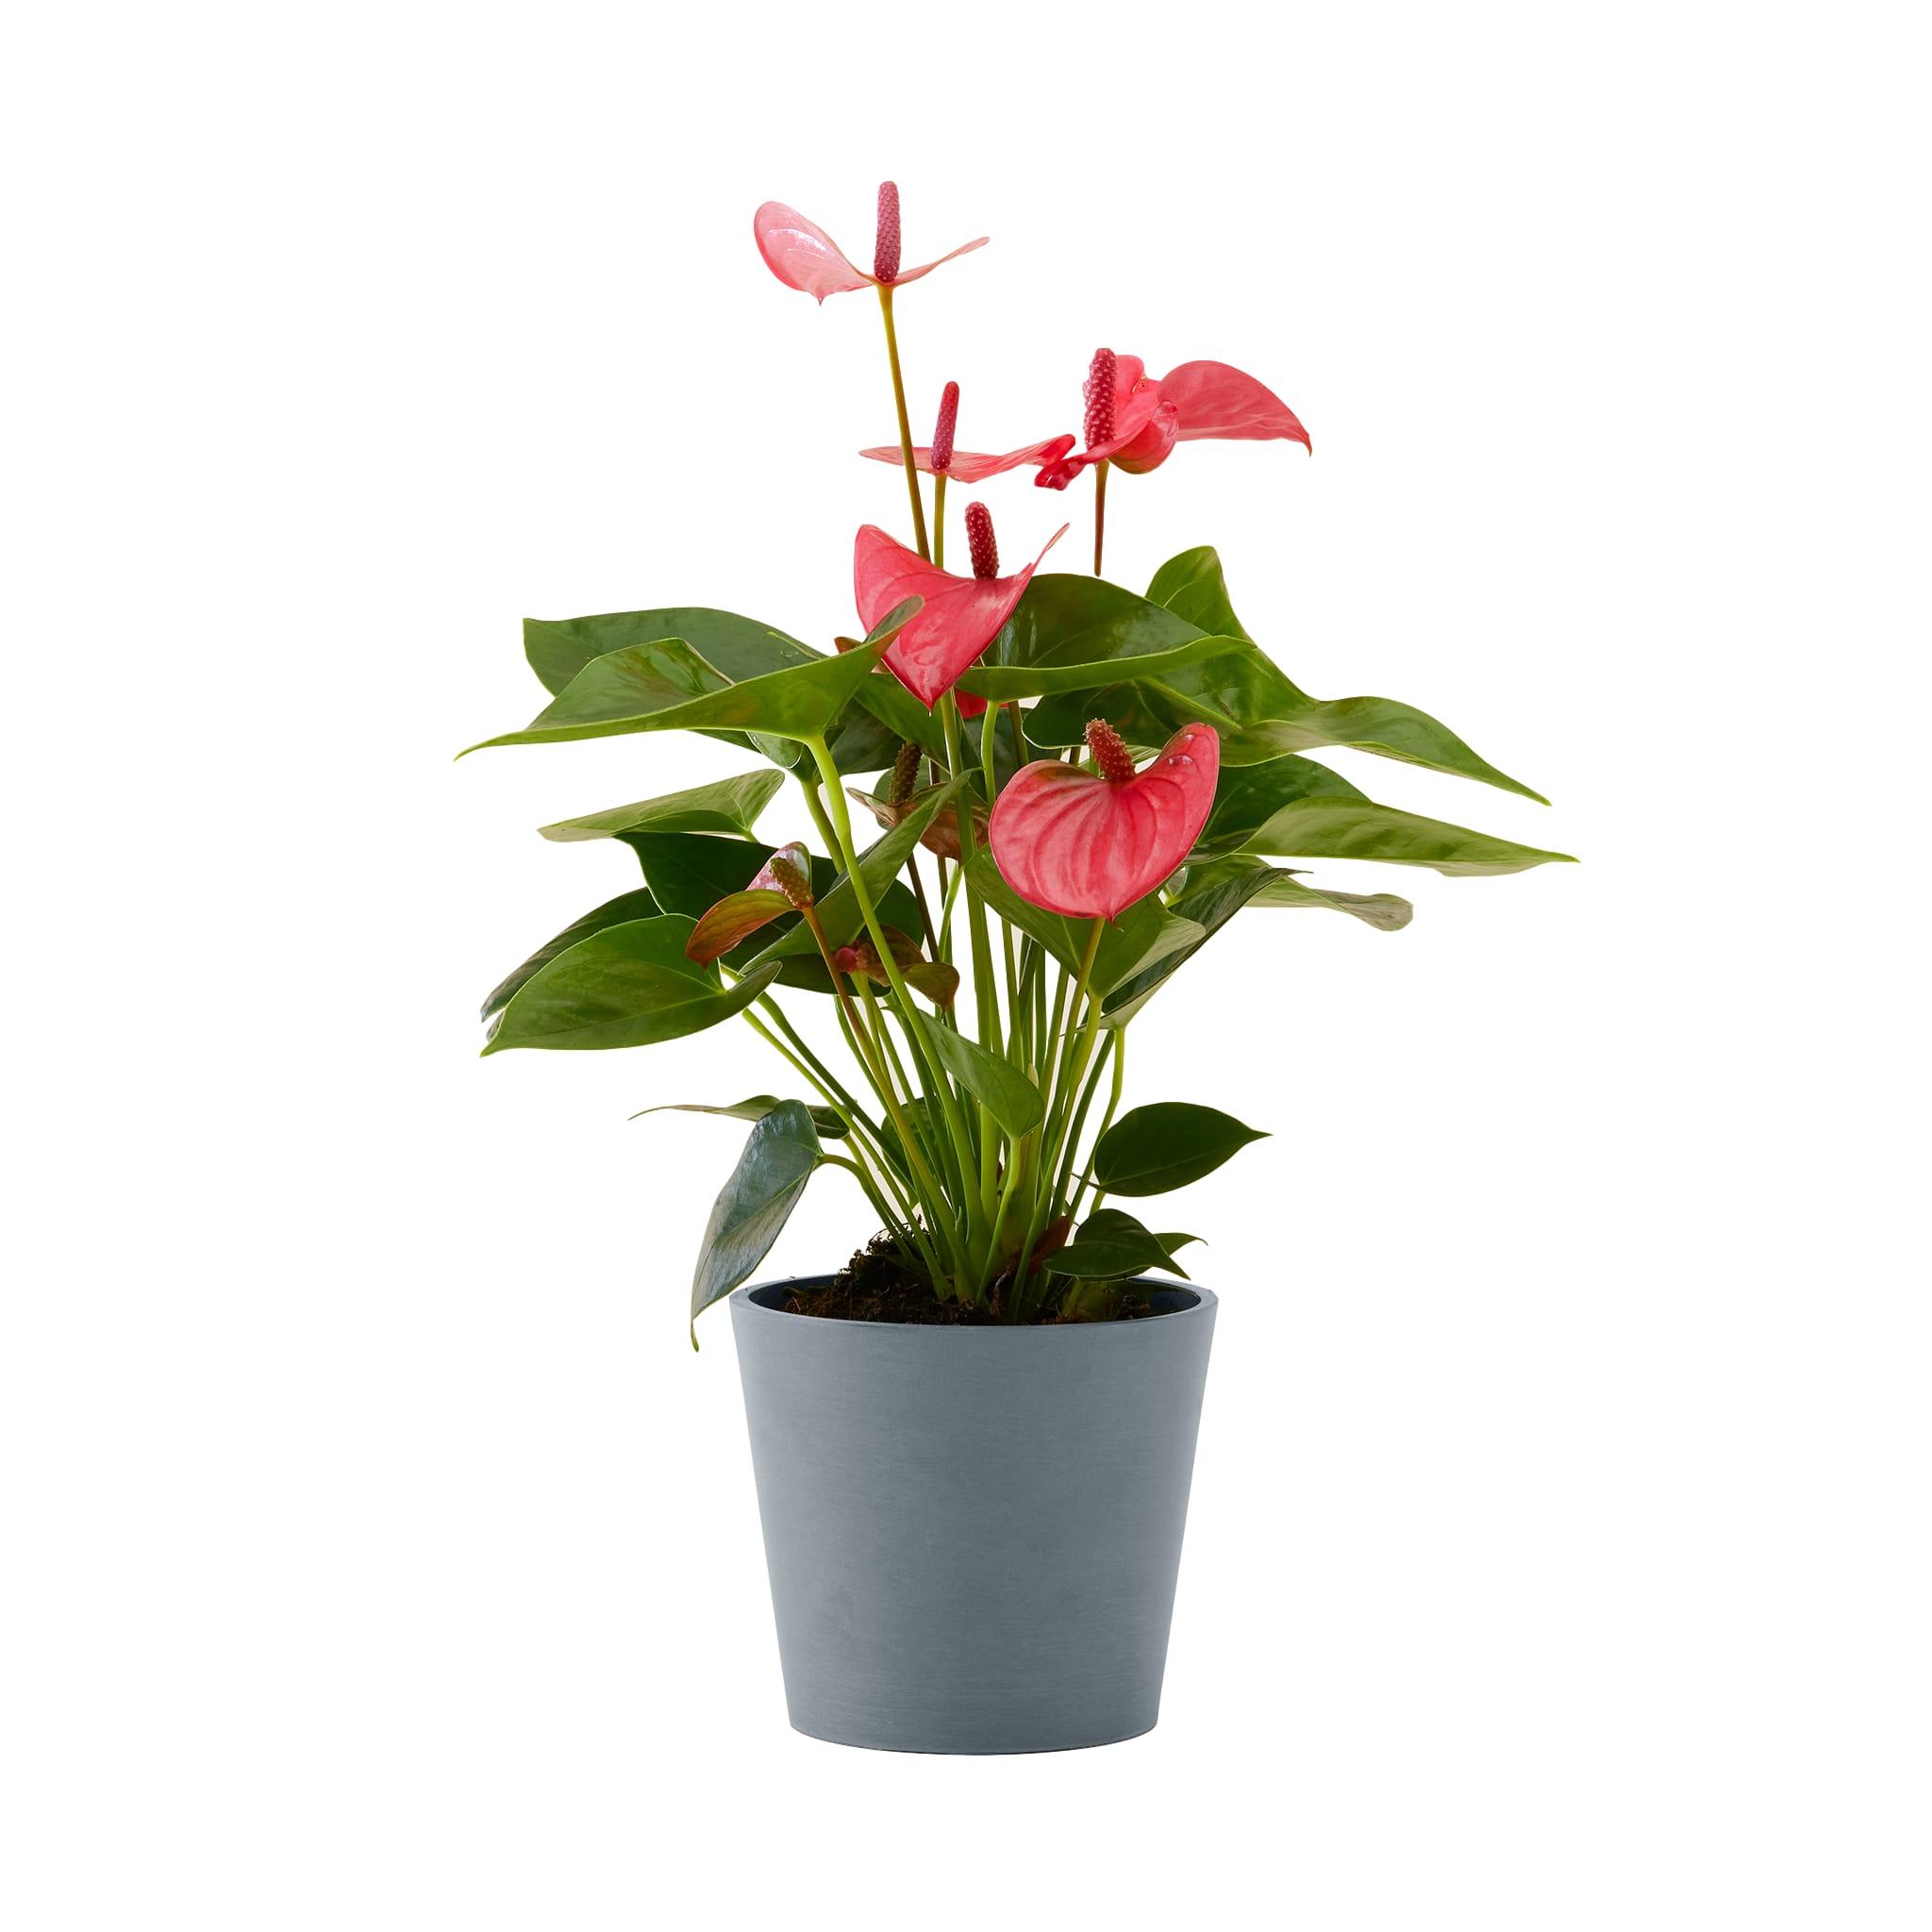 Flowy Plante d'intérieur - Anthurium rose 50 cm en pot bleu gris